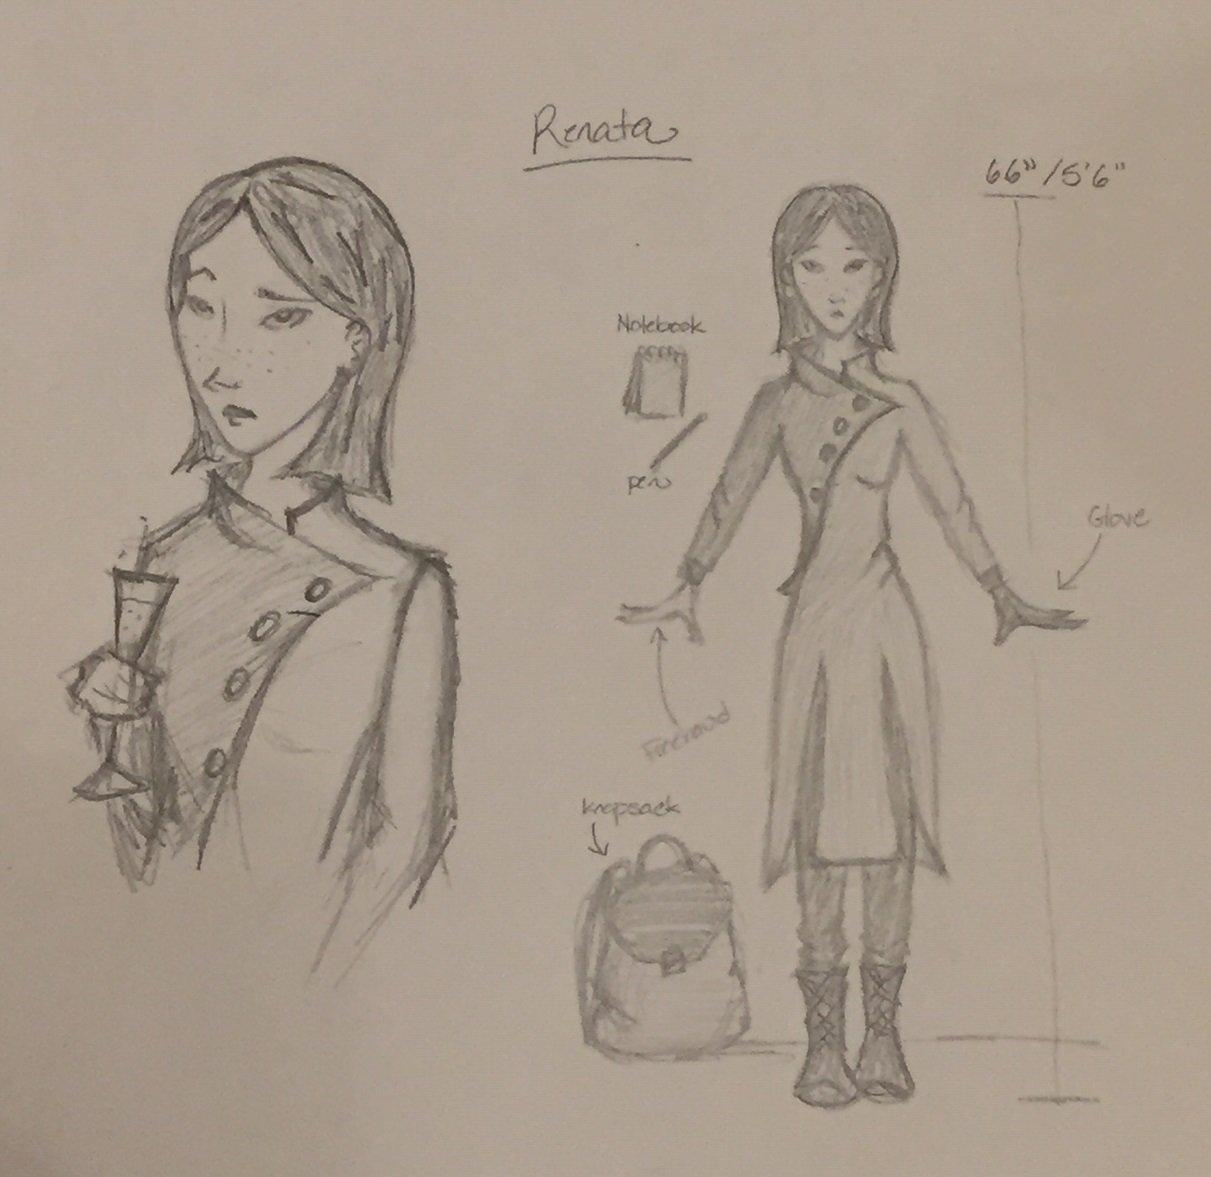 Renata Outfit Design